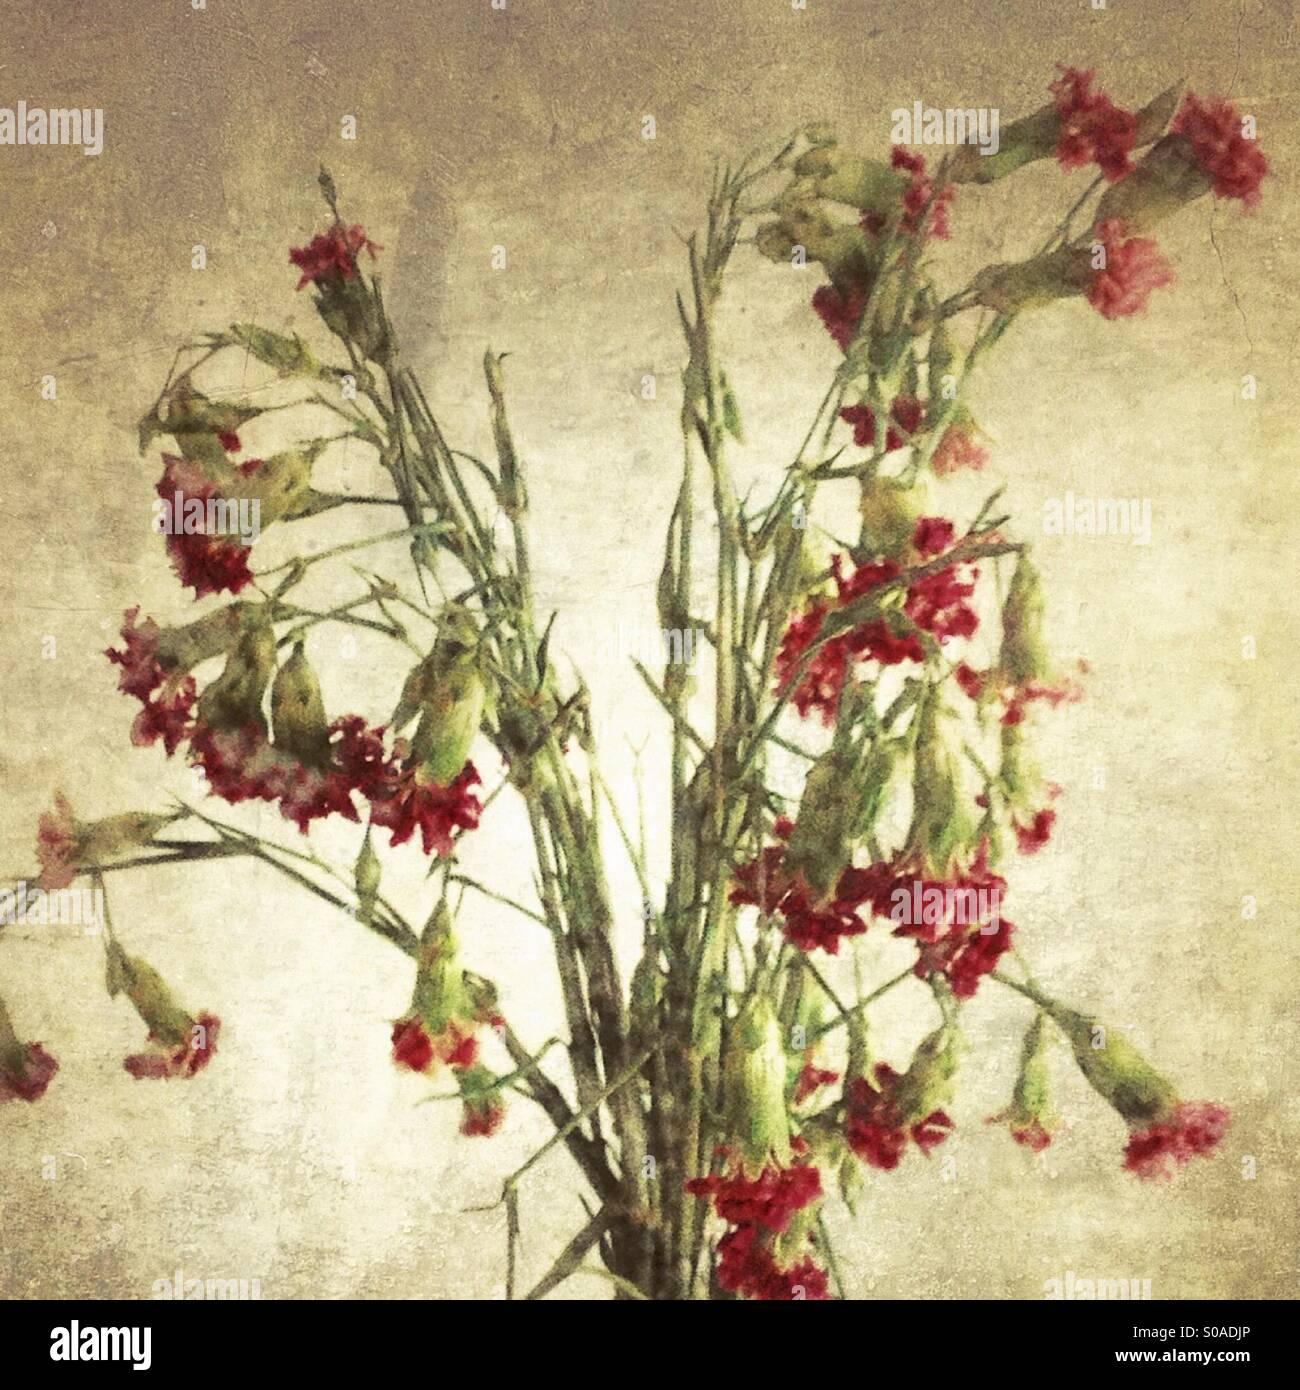 Dead Bouquet Flowers Stock Photos & Dead Bouquet Flowers Stock ...